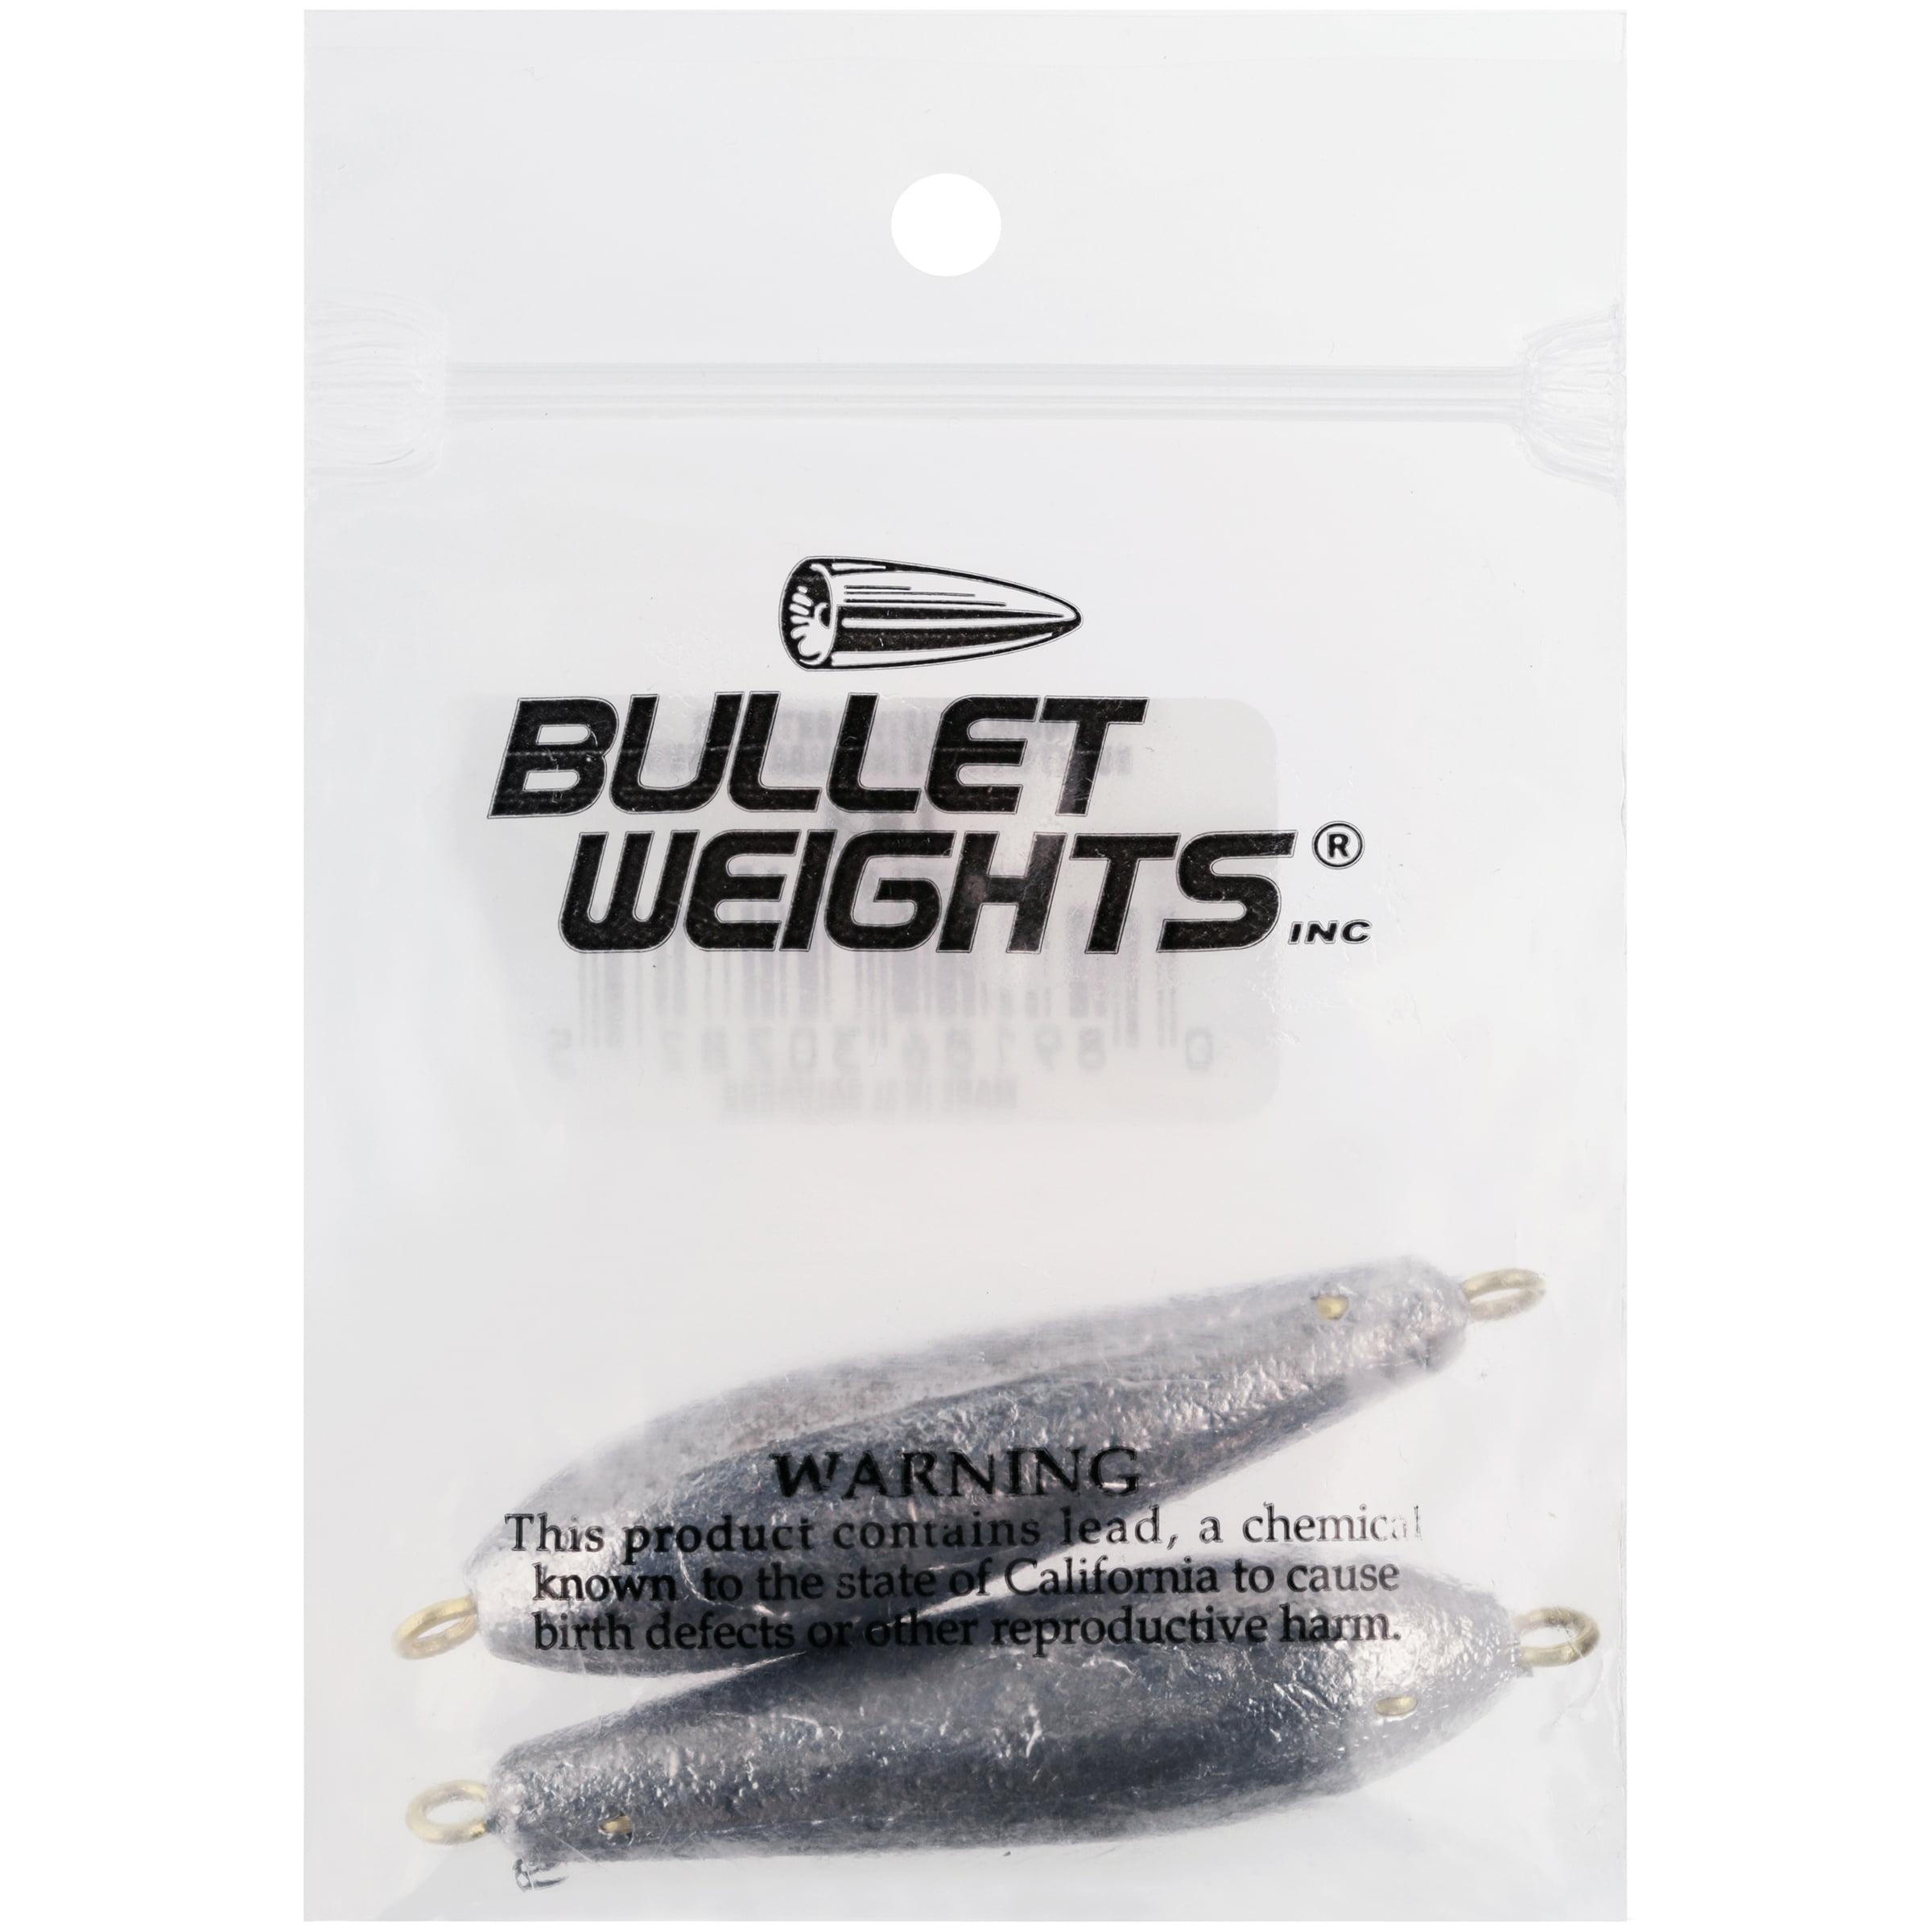 Bullet Weights® Trolling Sinker 3 oz 2 sinkers